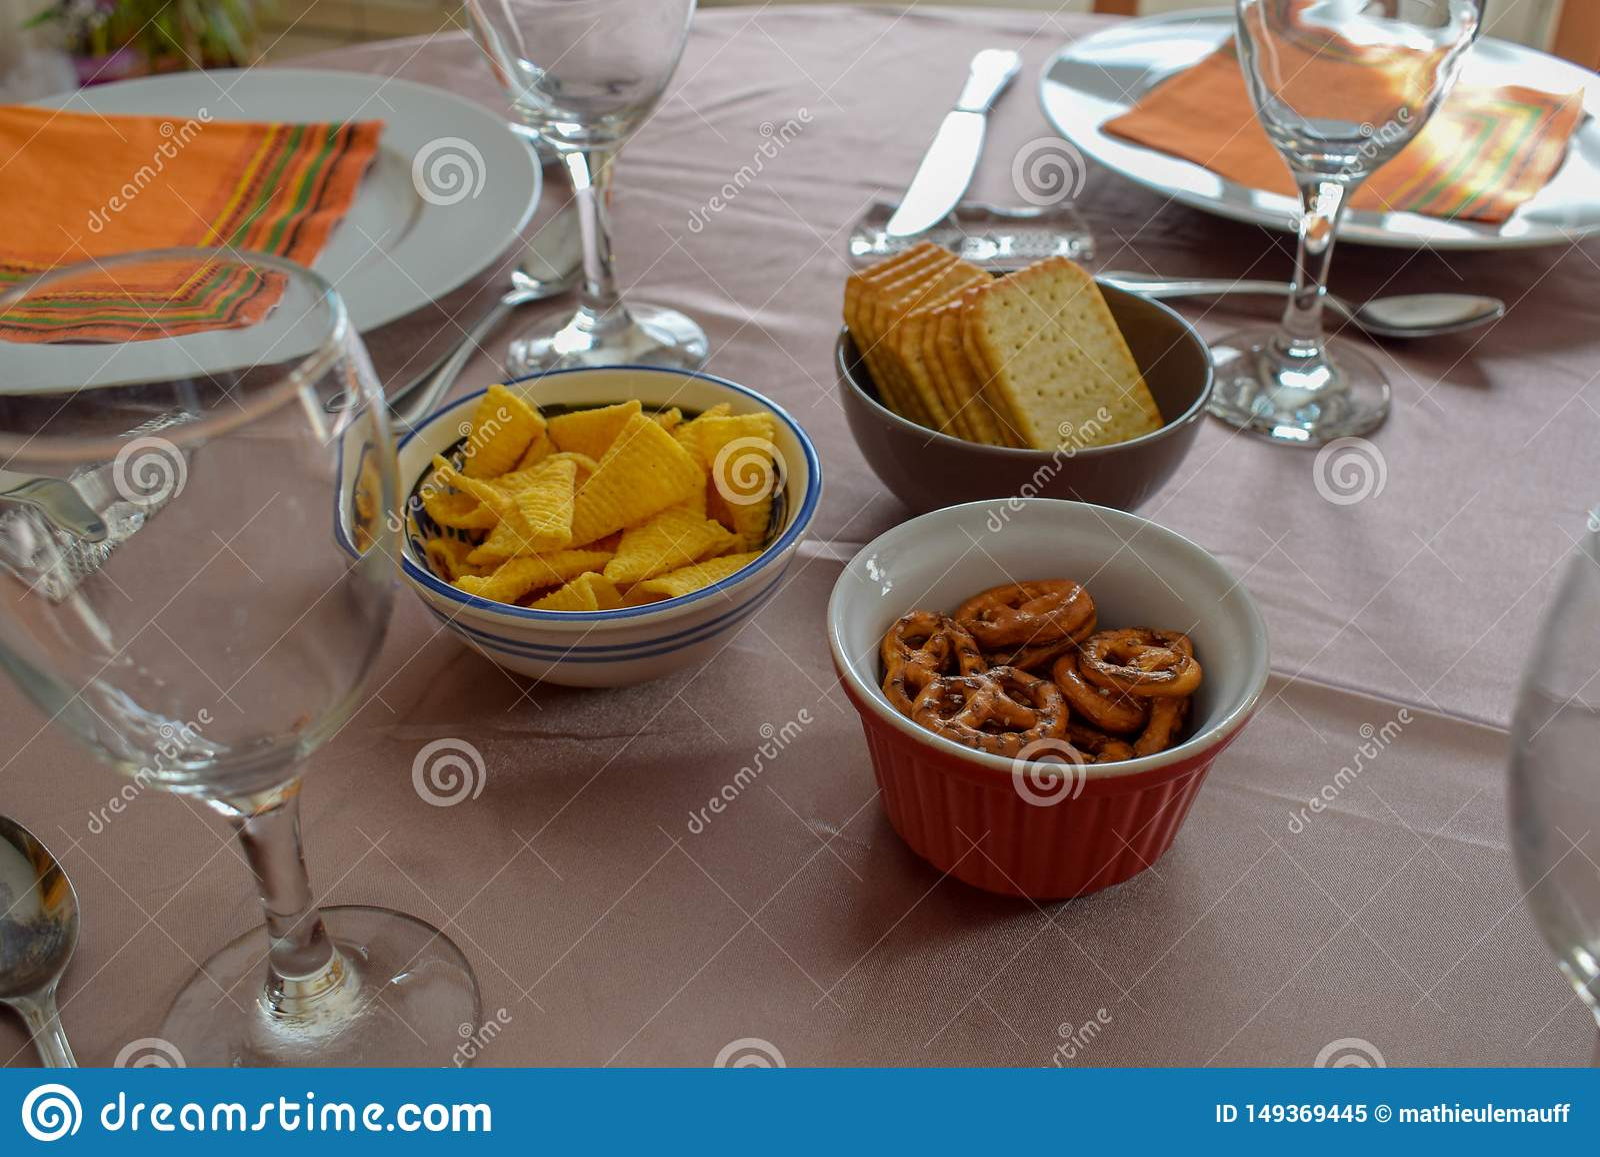 Casse-cro?te et verres de vin sur le Tableau admirablement servi - repas de famille